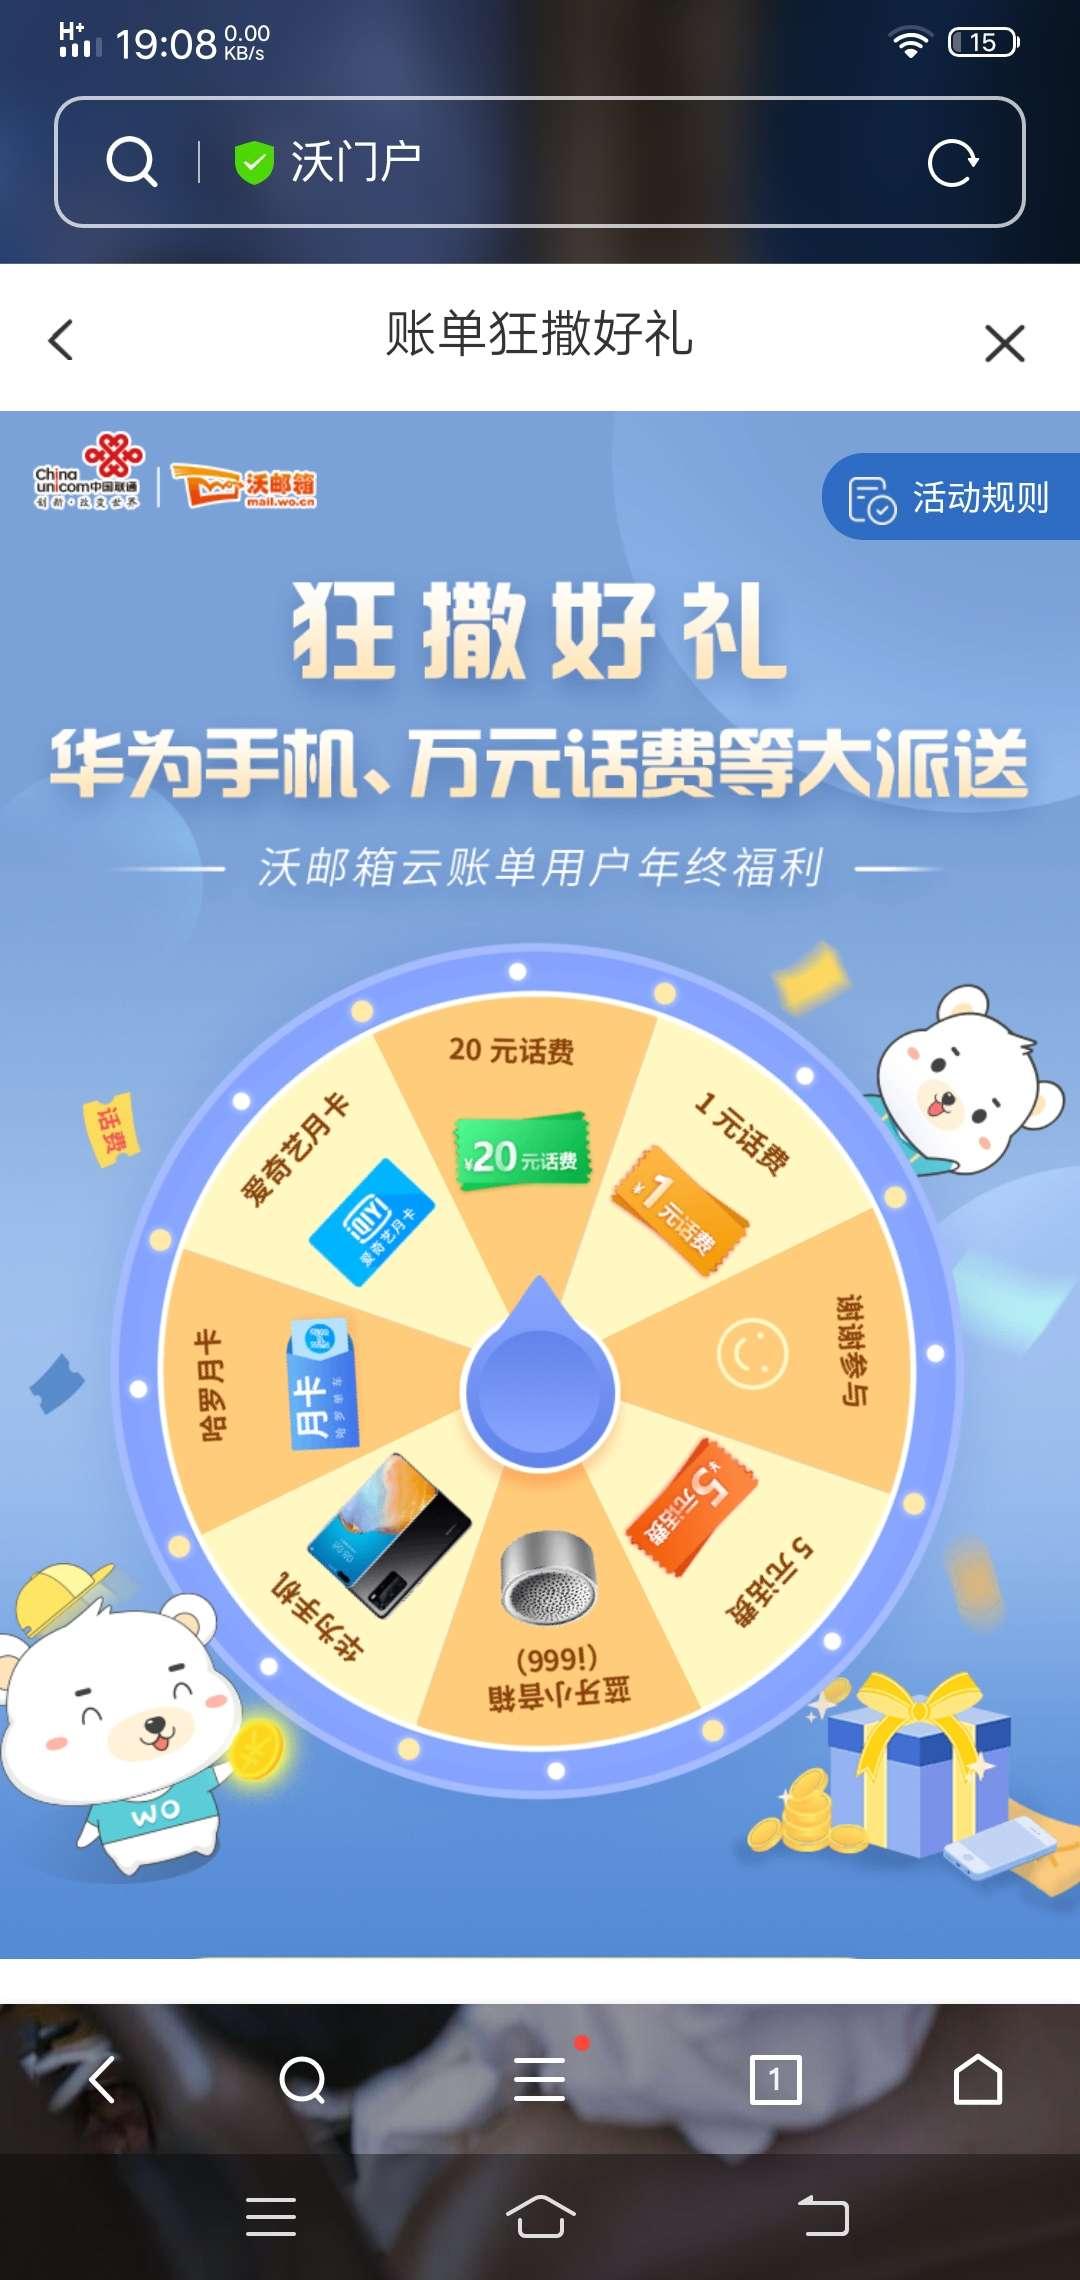 图片[2]-中国联通沃门户抽话费-老友薅羊毛活动线报网